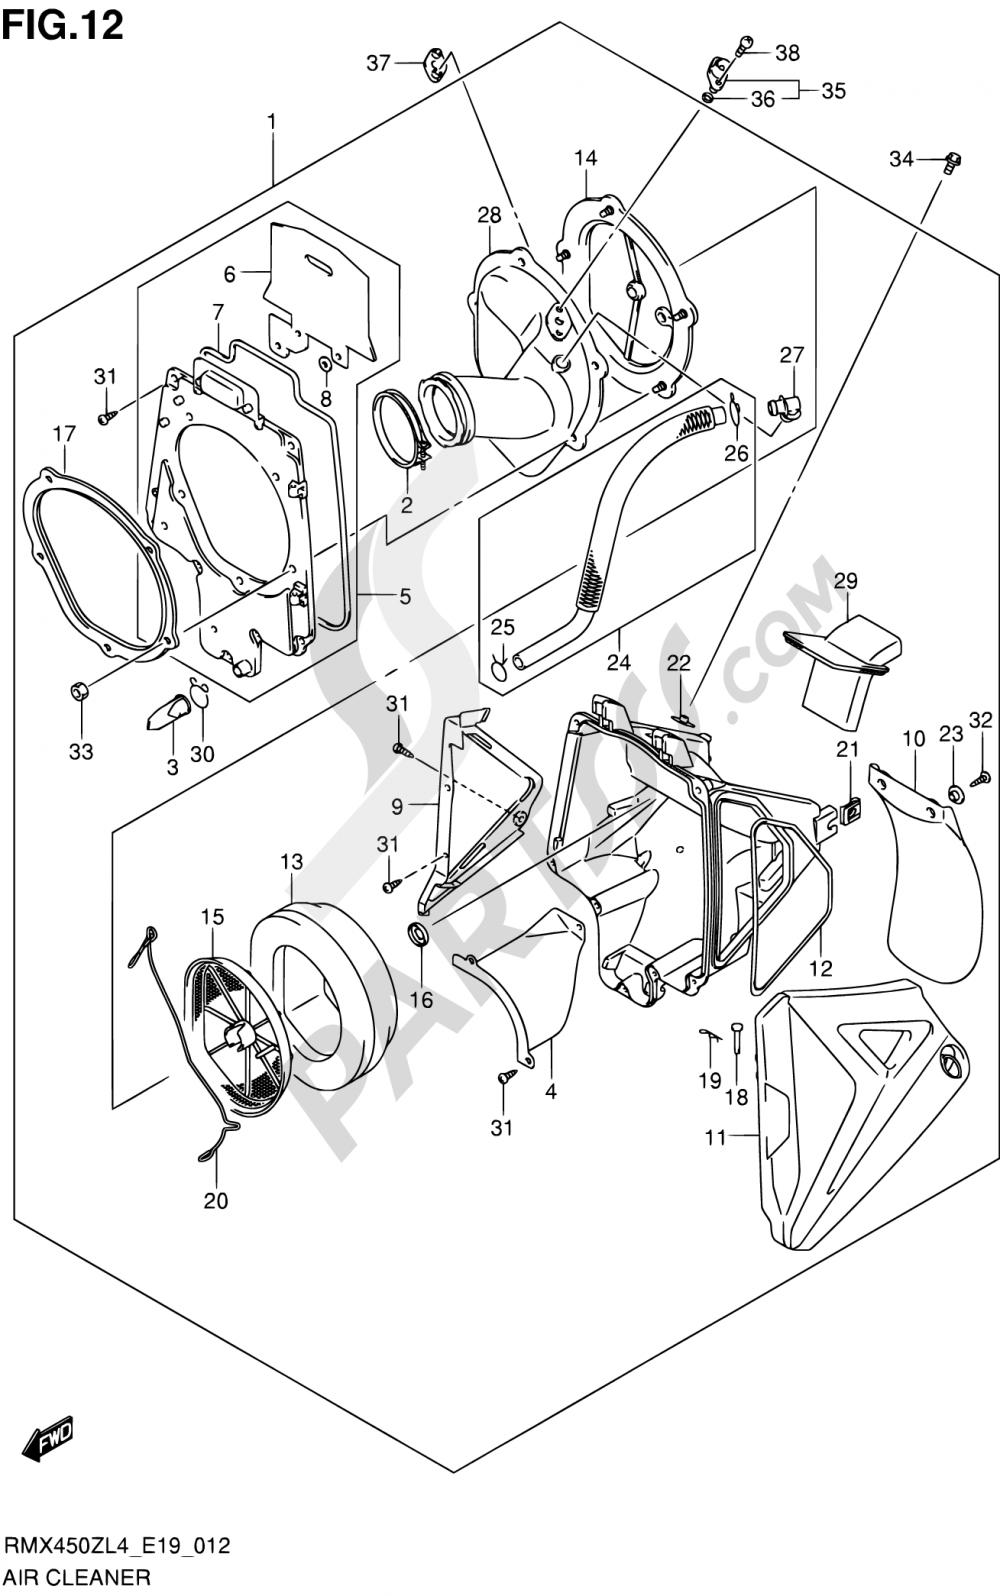 Suzuki Rmx450z Wiring Diagram Schematics 2012 Dr650 Detailed Diagrams Gsx1250fa 12 Air Cleaner 2014